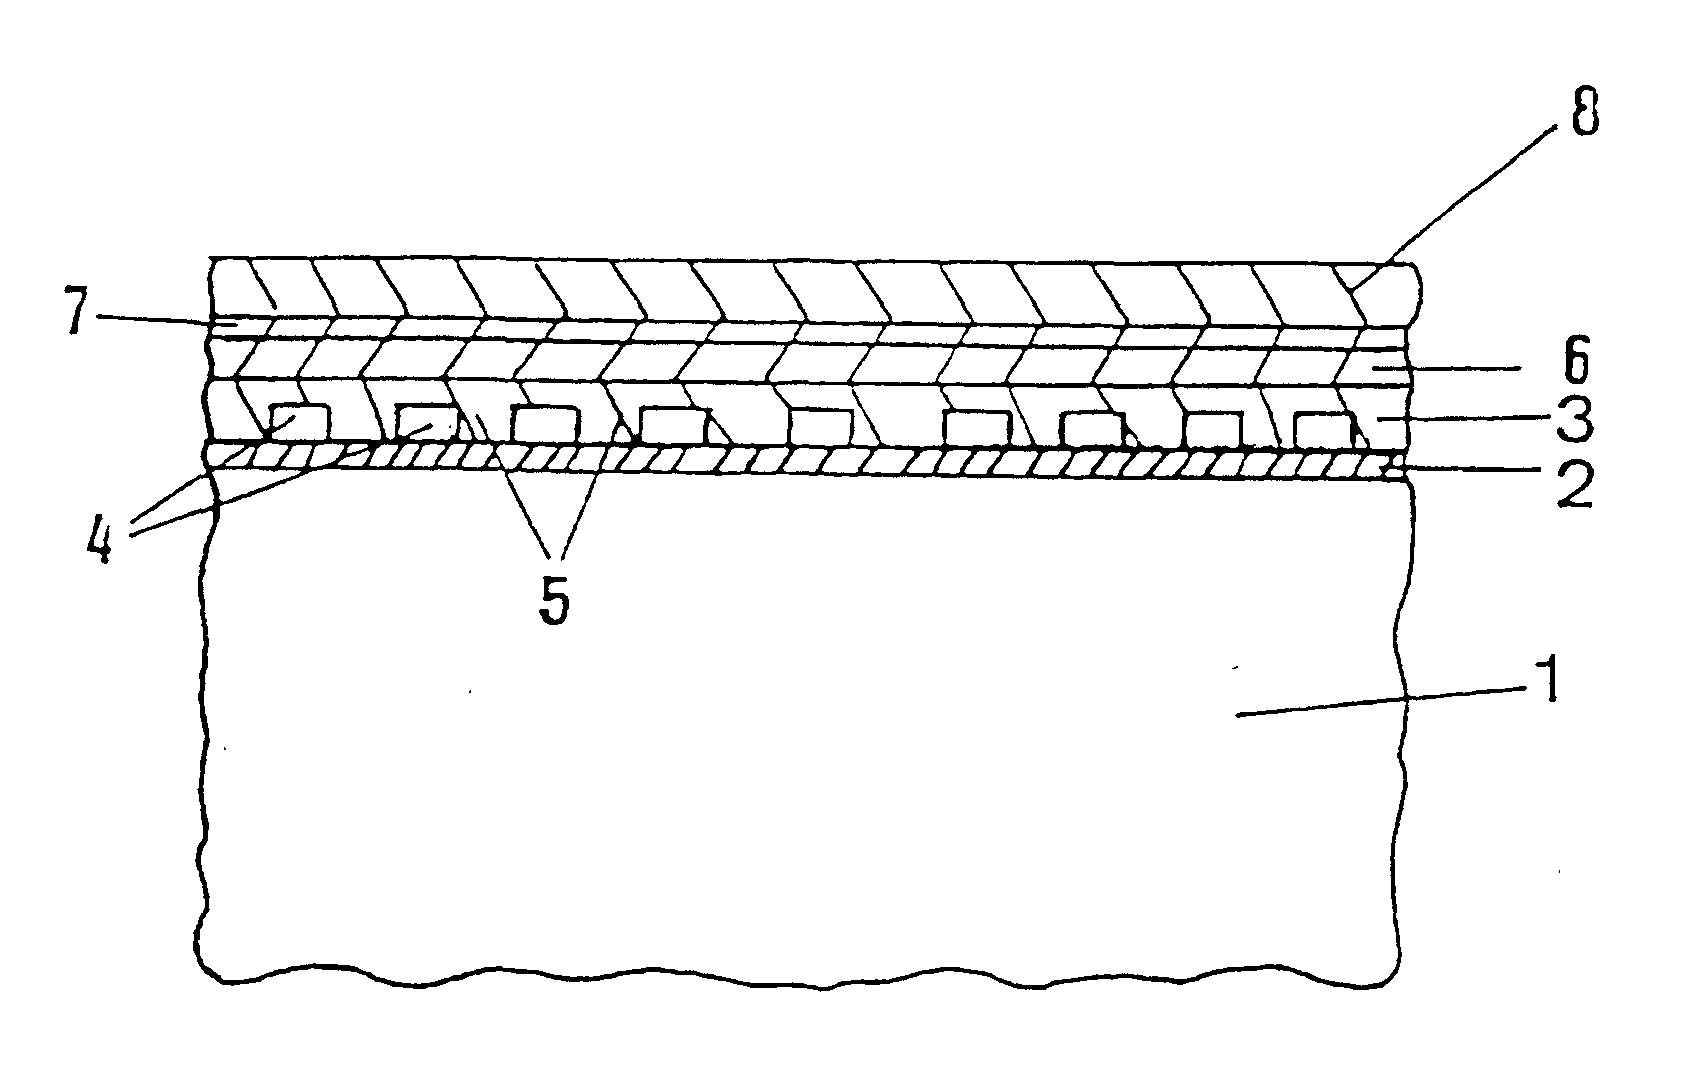 patent ep0968338b1 vorrichtung zur abdichtung von mit einem bitumenanstrich versehenen. Black Bedroom Furniture Sets. Home Design Ideas